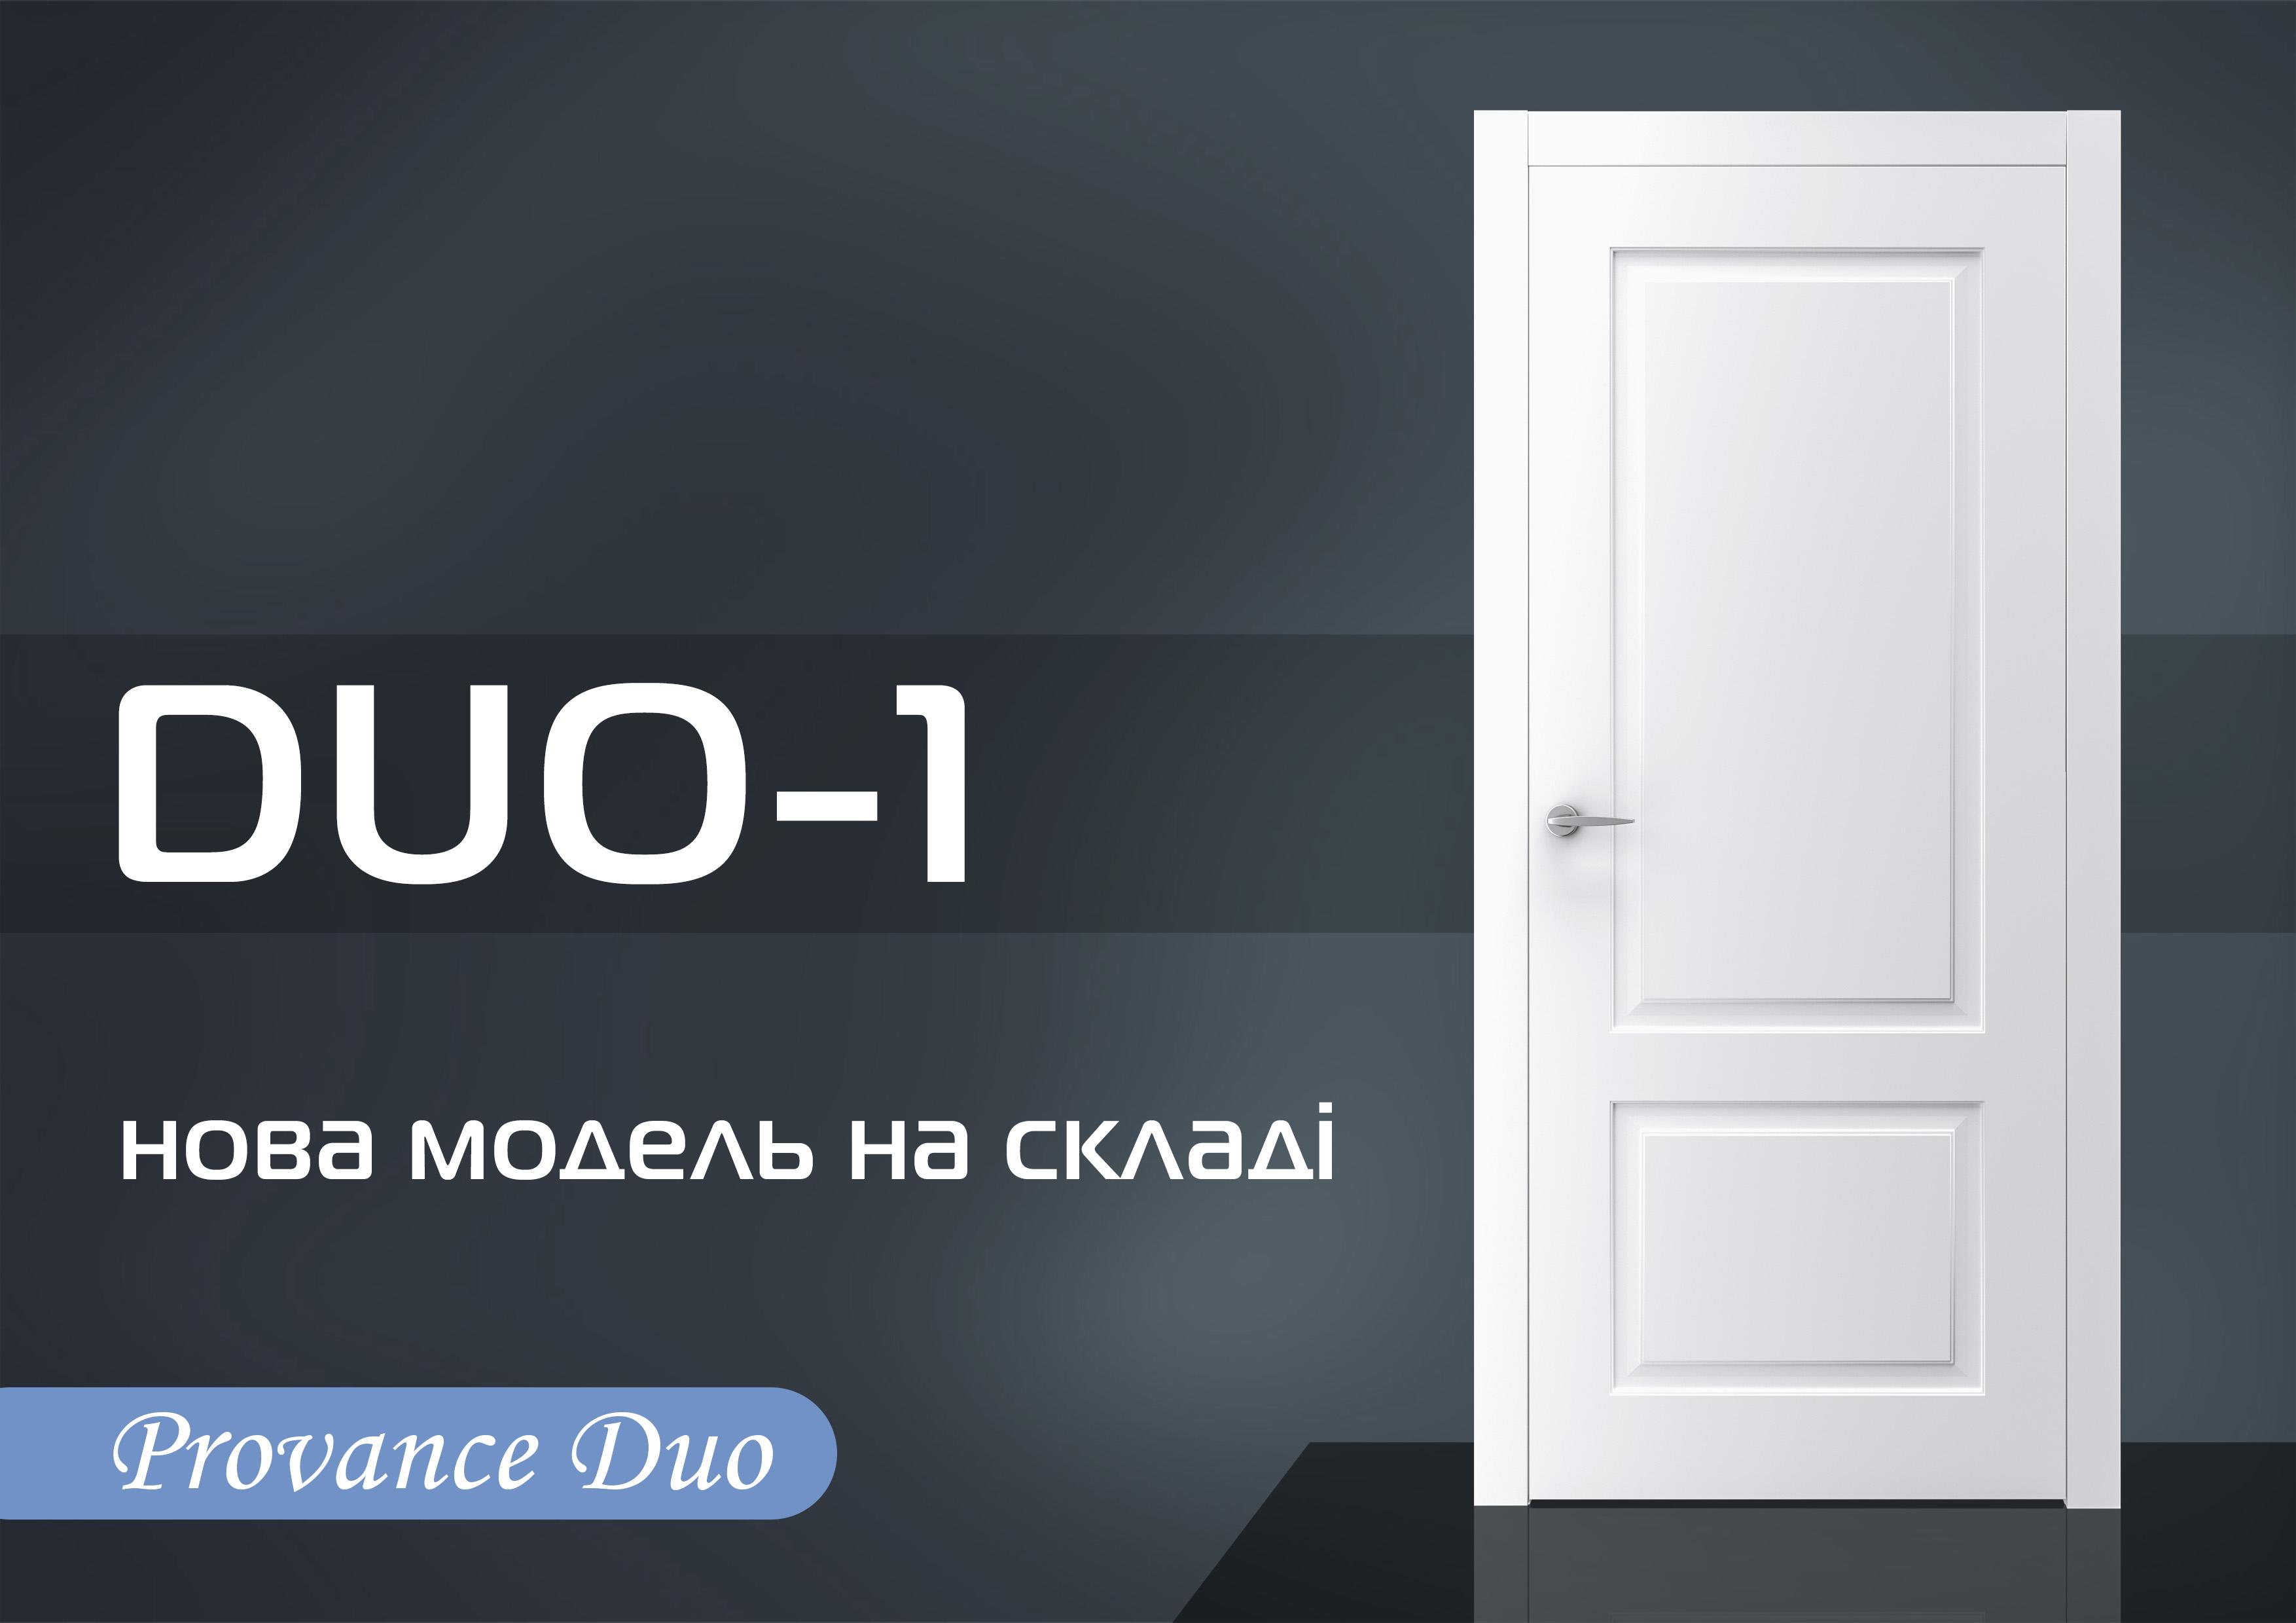 Новая серия эмалированных дверей Duo